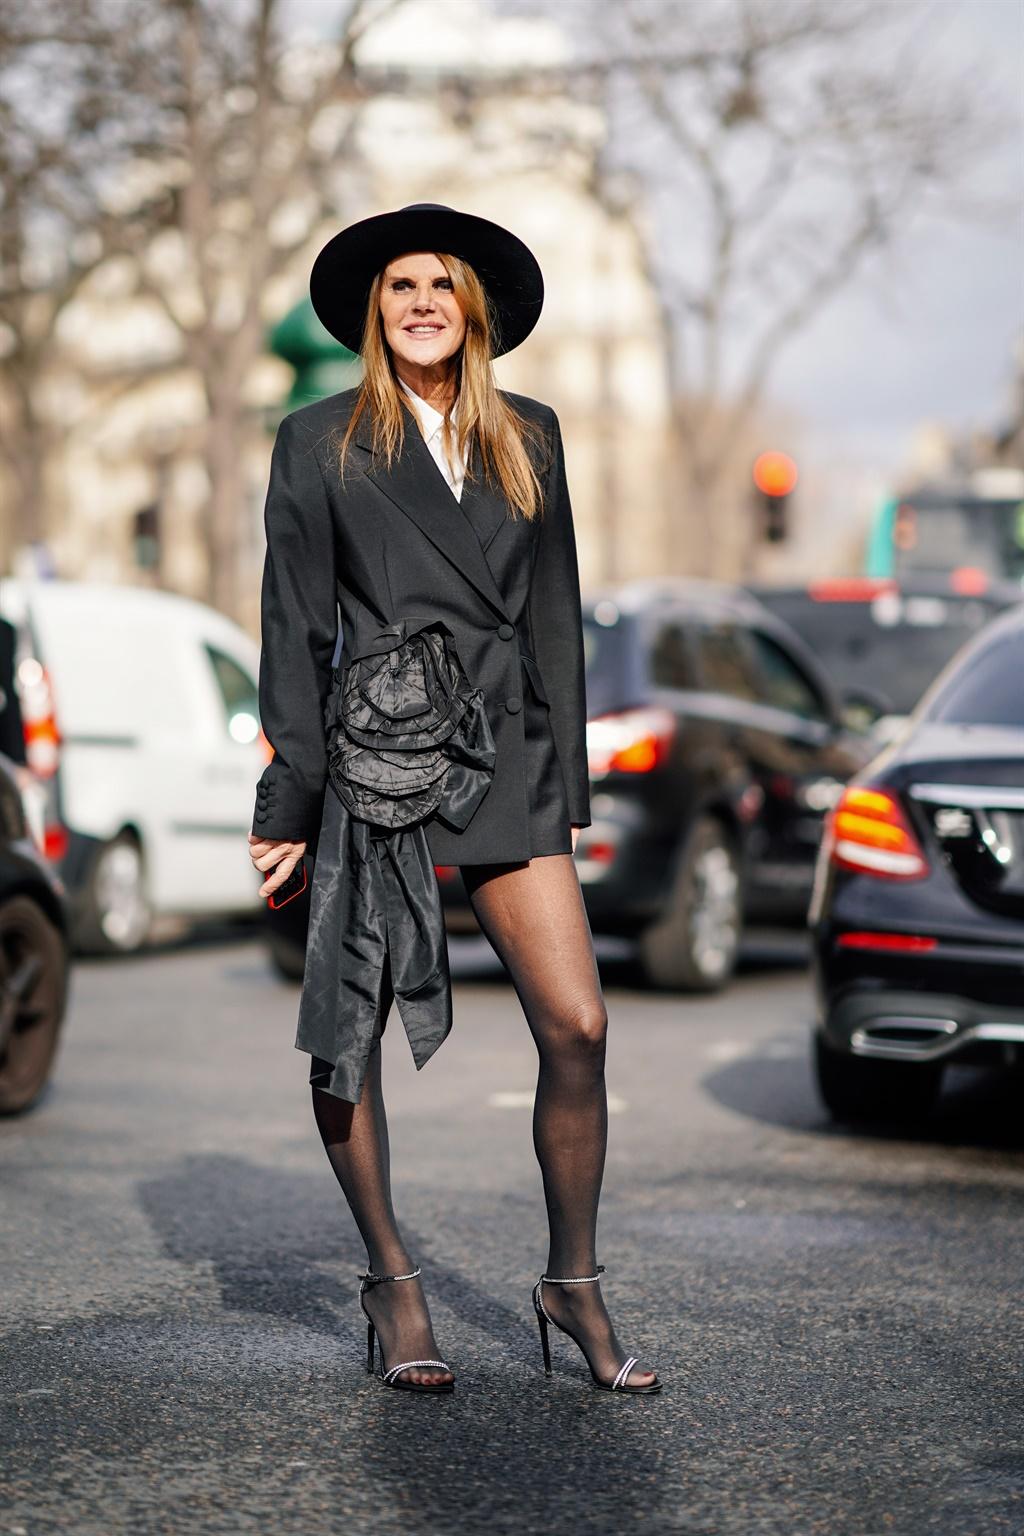 PARIS, FRANCE - MARCH 05: Anna Dello Russo wears a